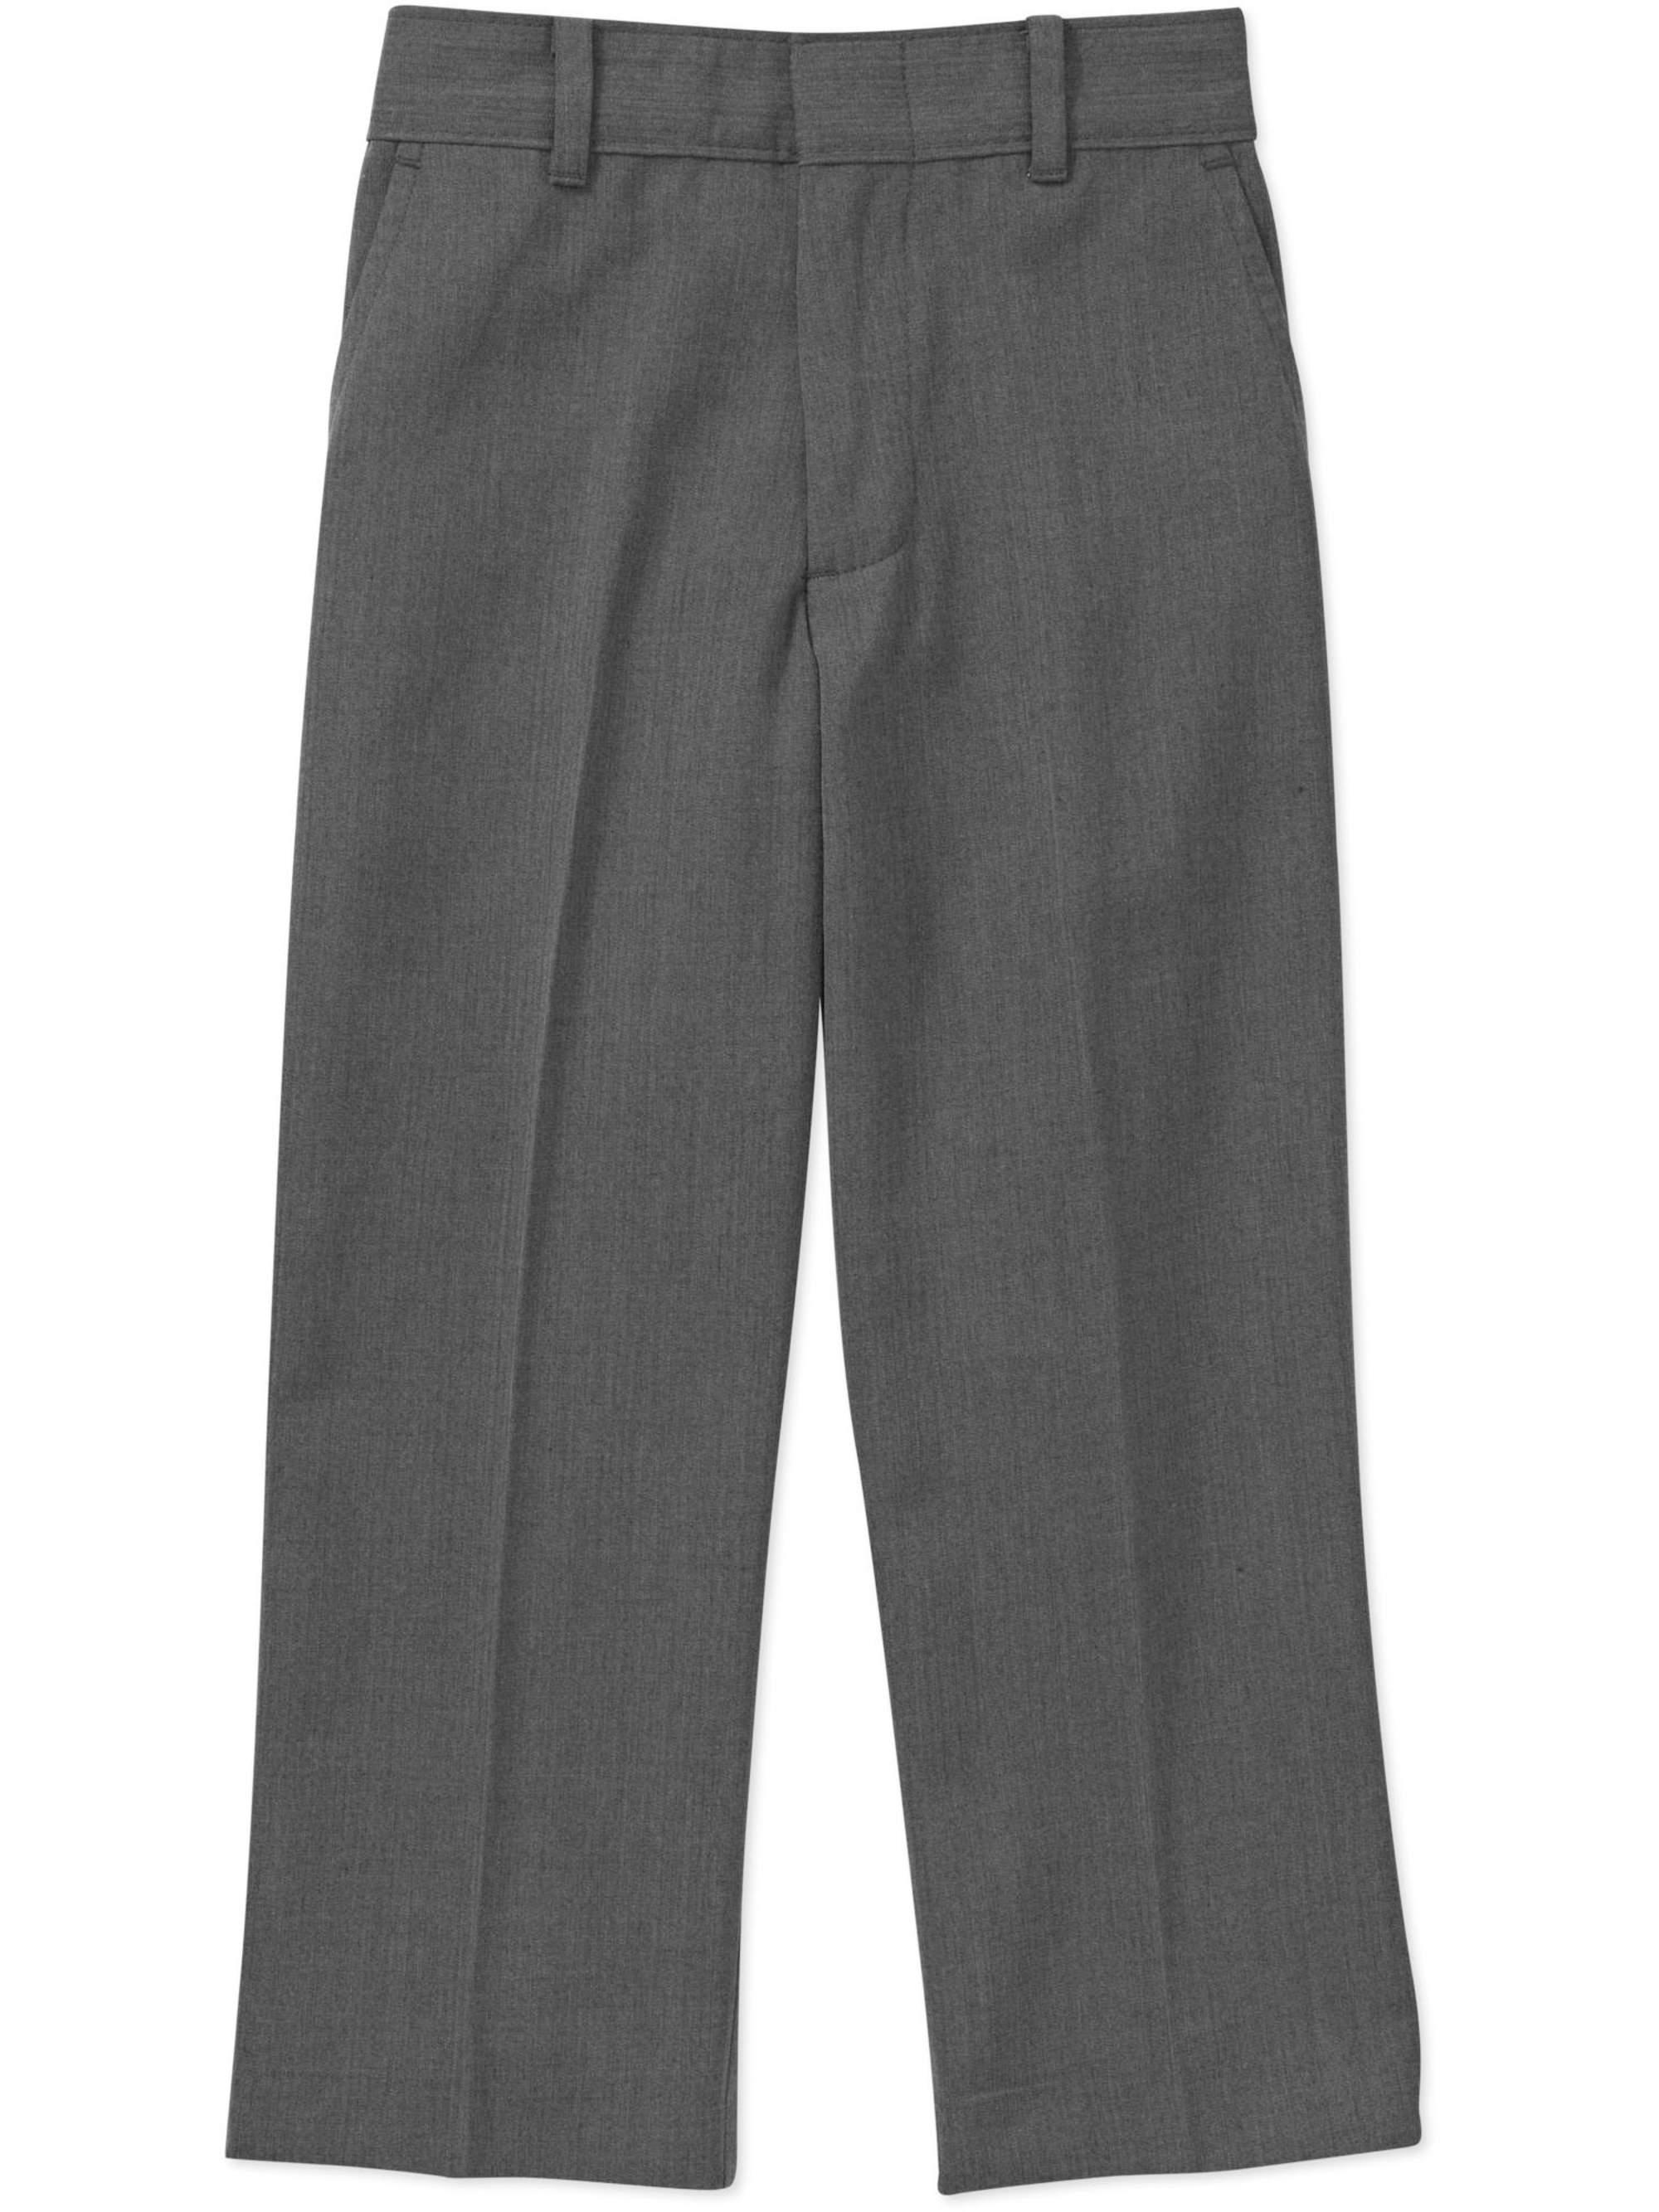 Boys Suit Dress Pant